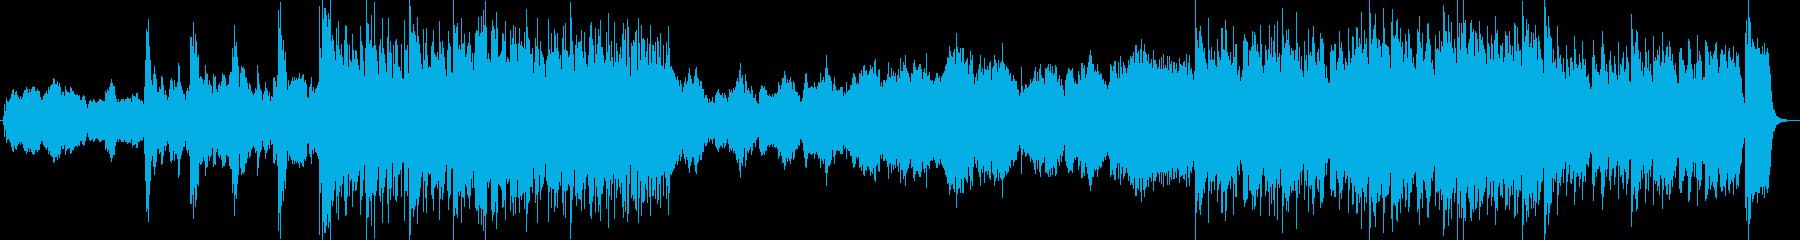 和太鼓尺八オーケストラ企業プレゼンの再生済みの波形